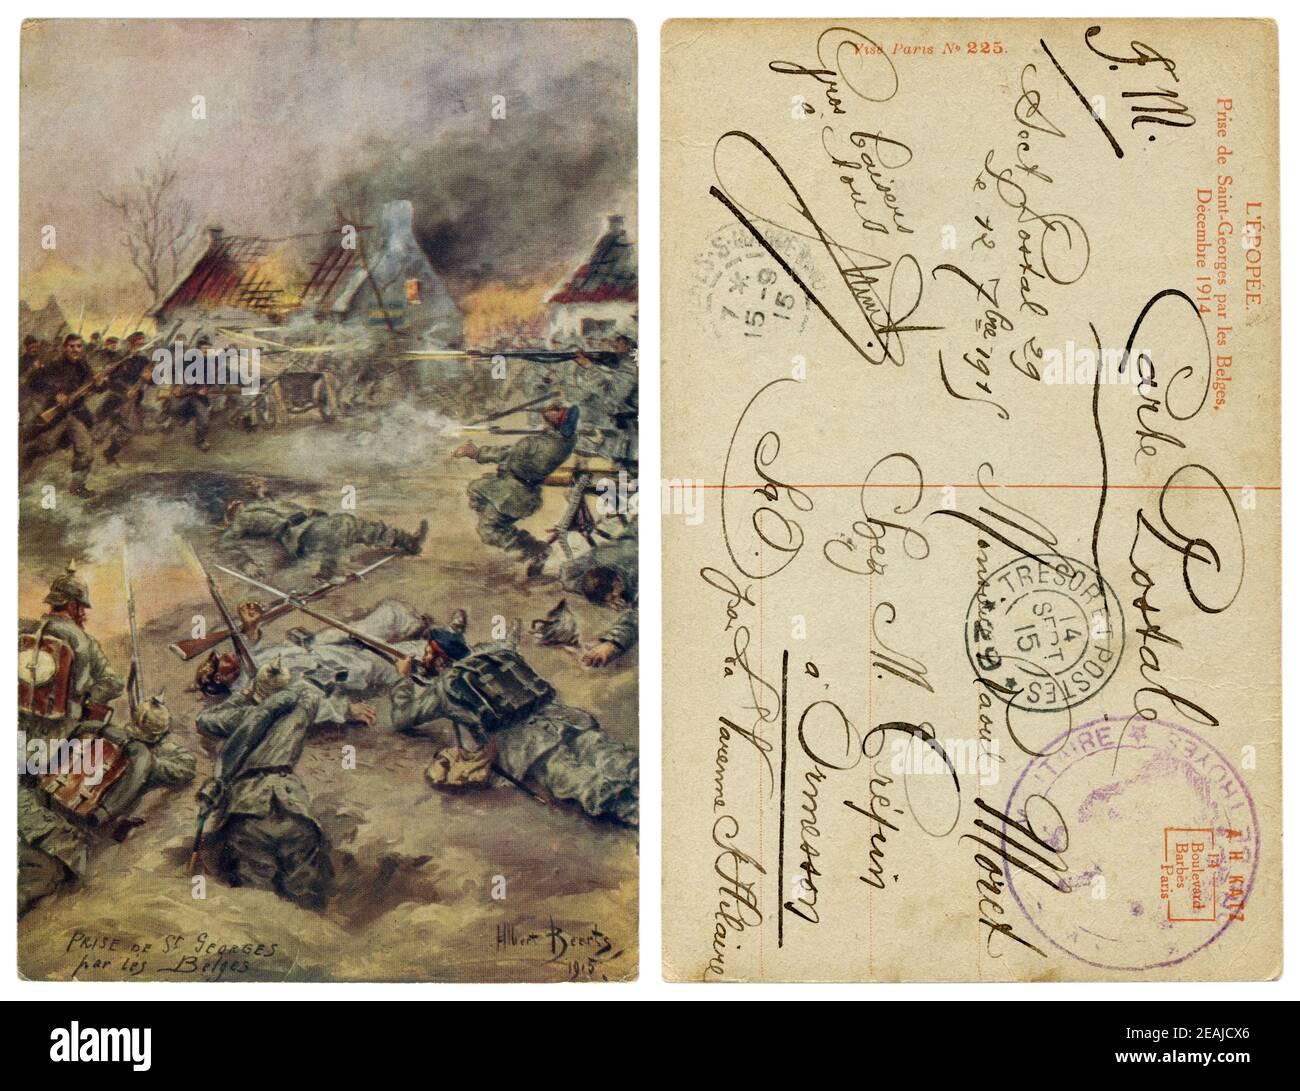 Histórico francés postal: Captura de Saint-Georges de los Belgas. El asalto de la ciudad por la infantería. Las tropas alemanas en defensa. La primera guerra mundial Foto de stock